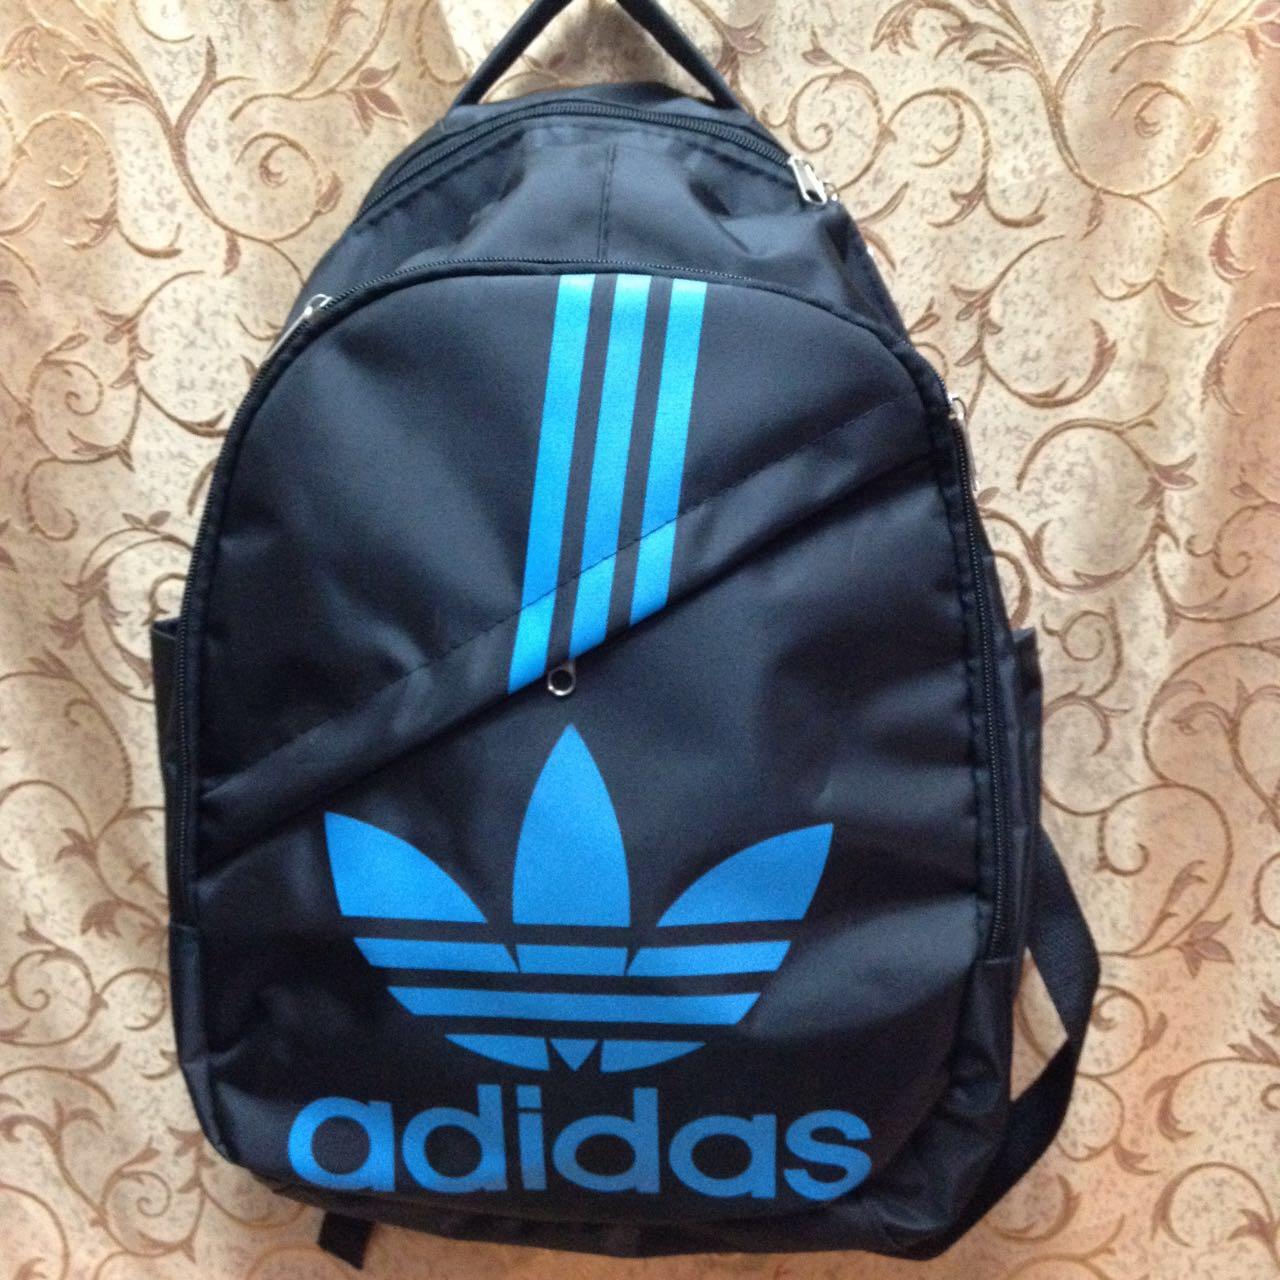 Спорт Рюкзак adidas /рюкзаки туристические/Спортивные сумки